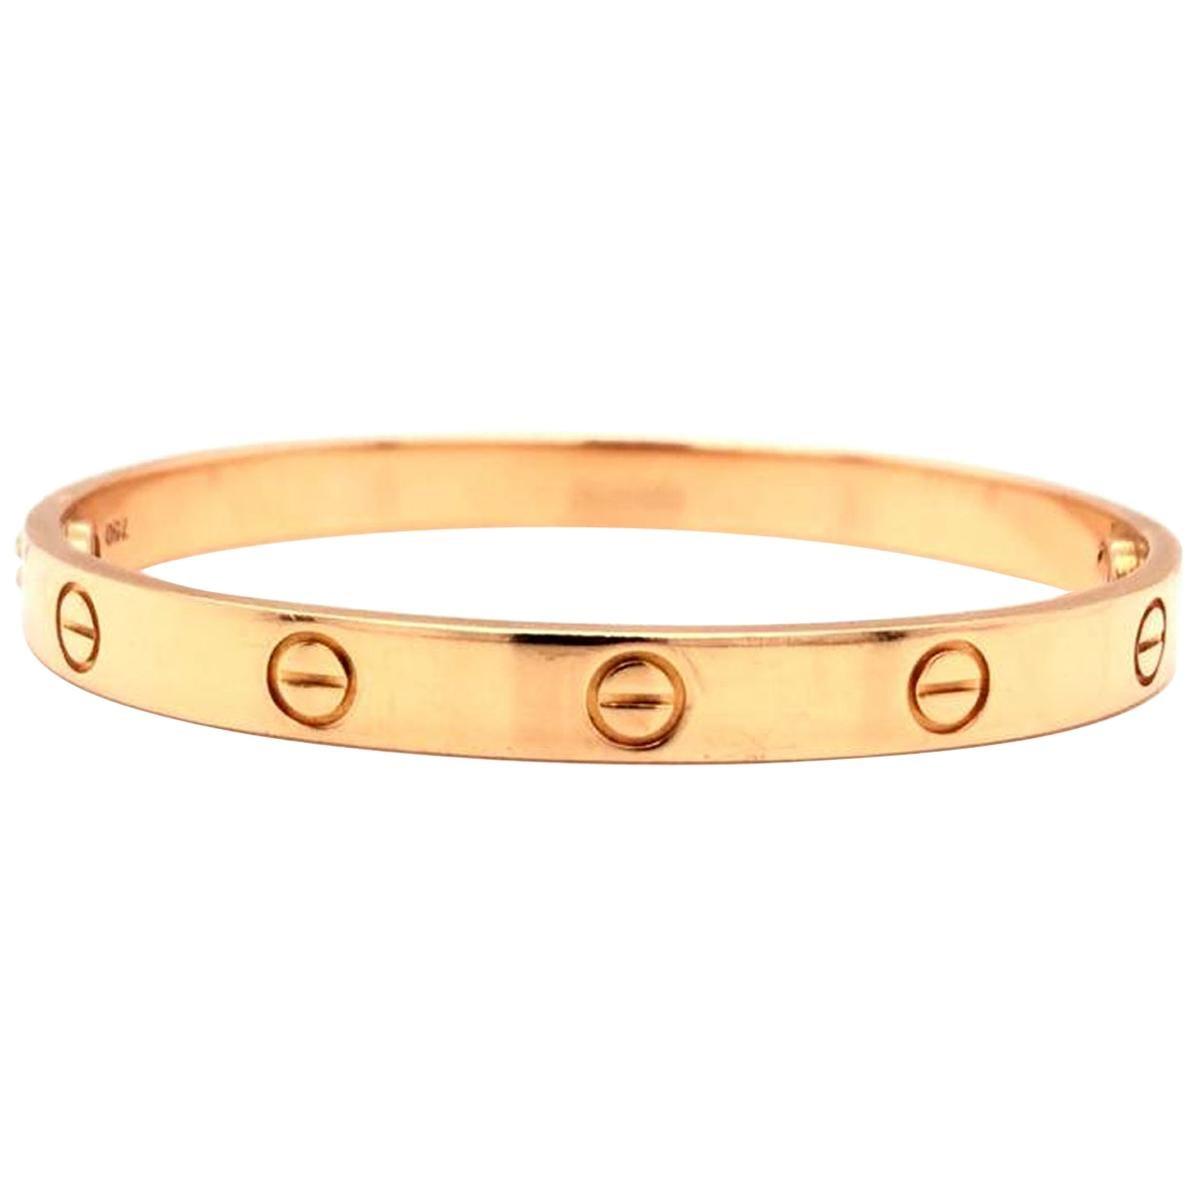 Cartier LOVE Bracelet 18 Karat Rose Gold Vintage with Screwdriver